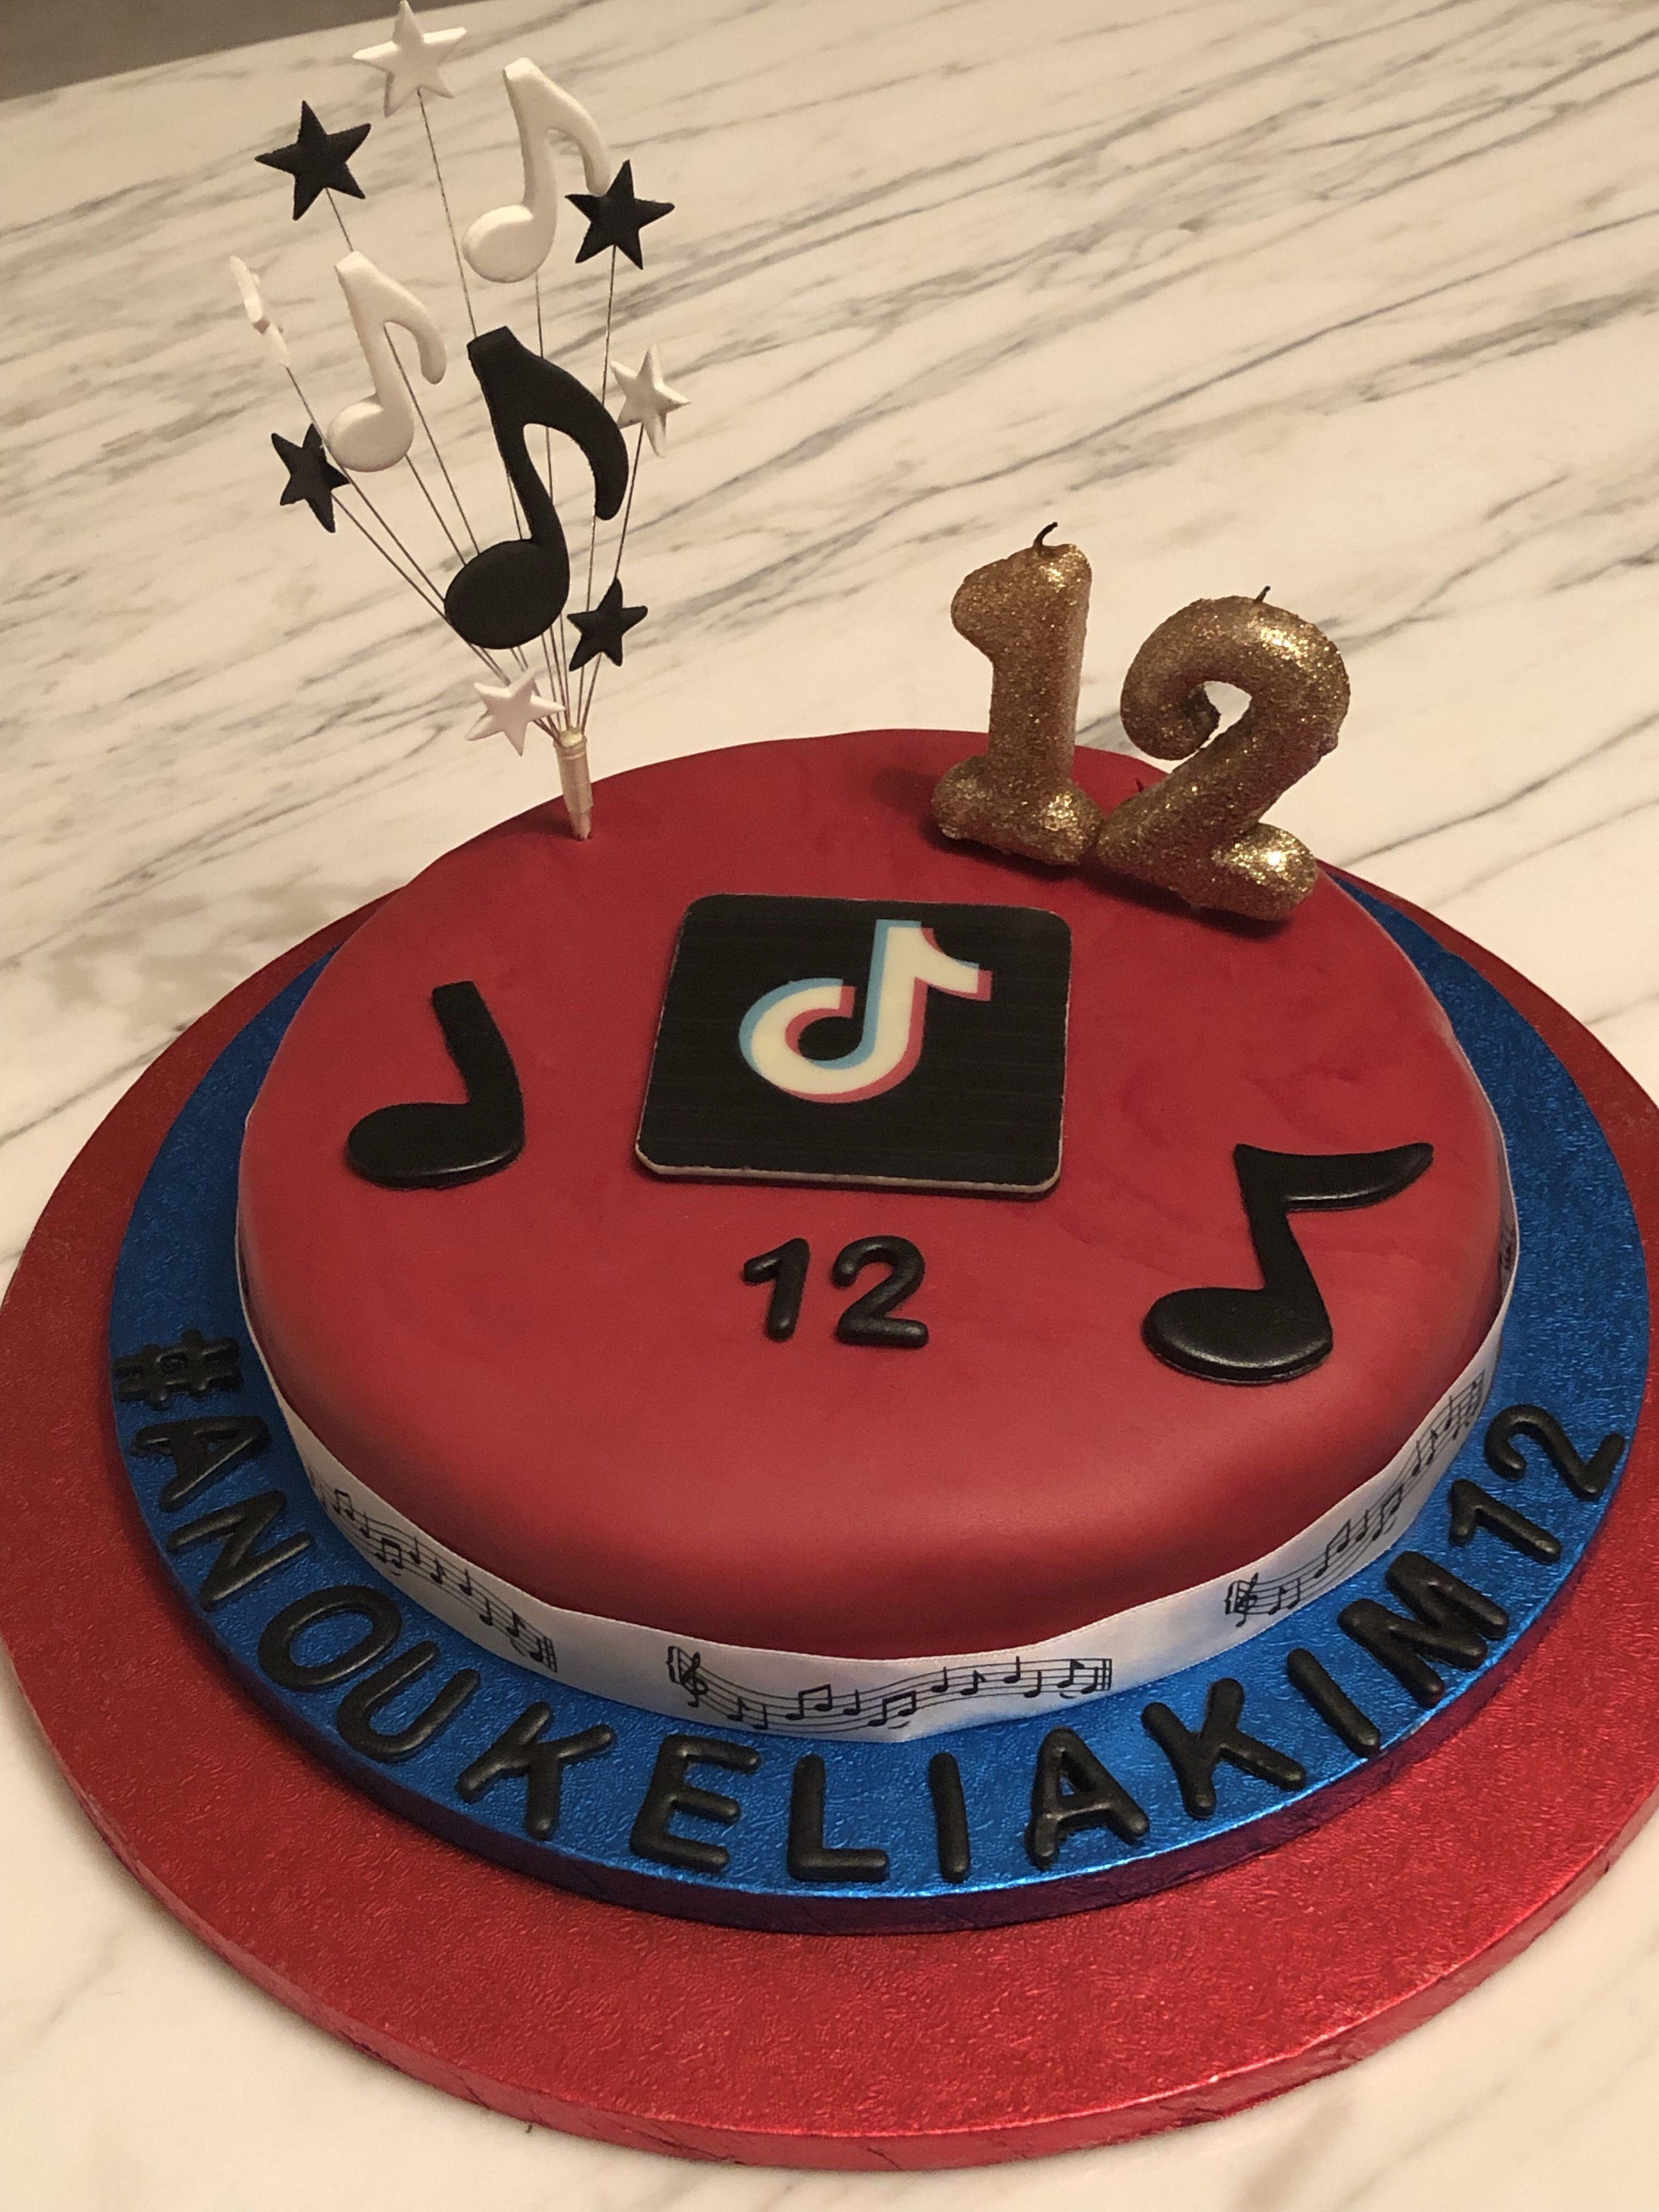 Tik Tok Cake Edible Image Cake Brithday Cake Cake